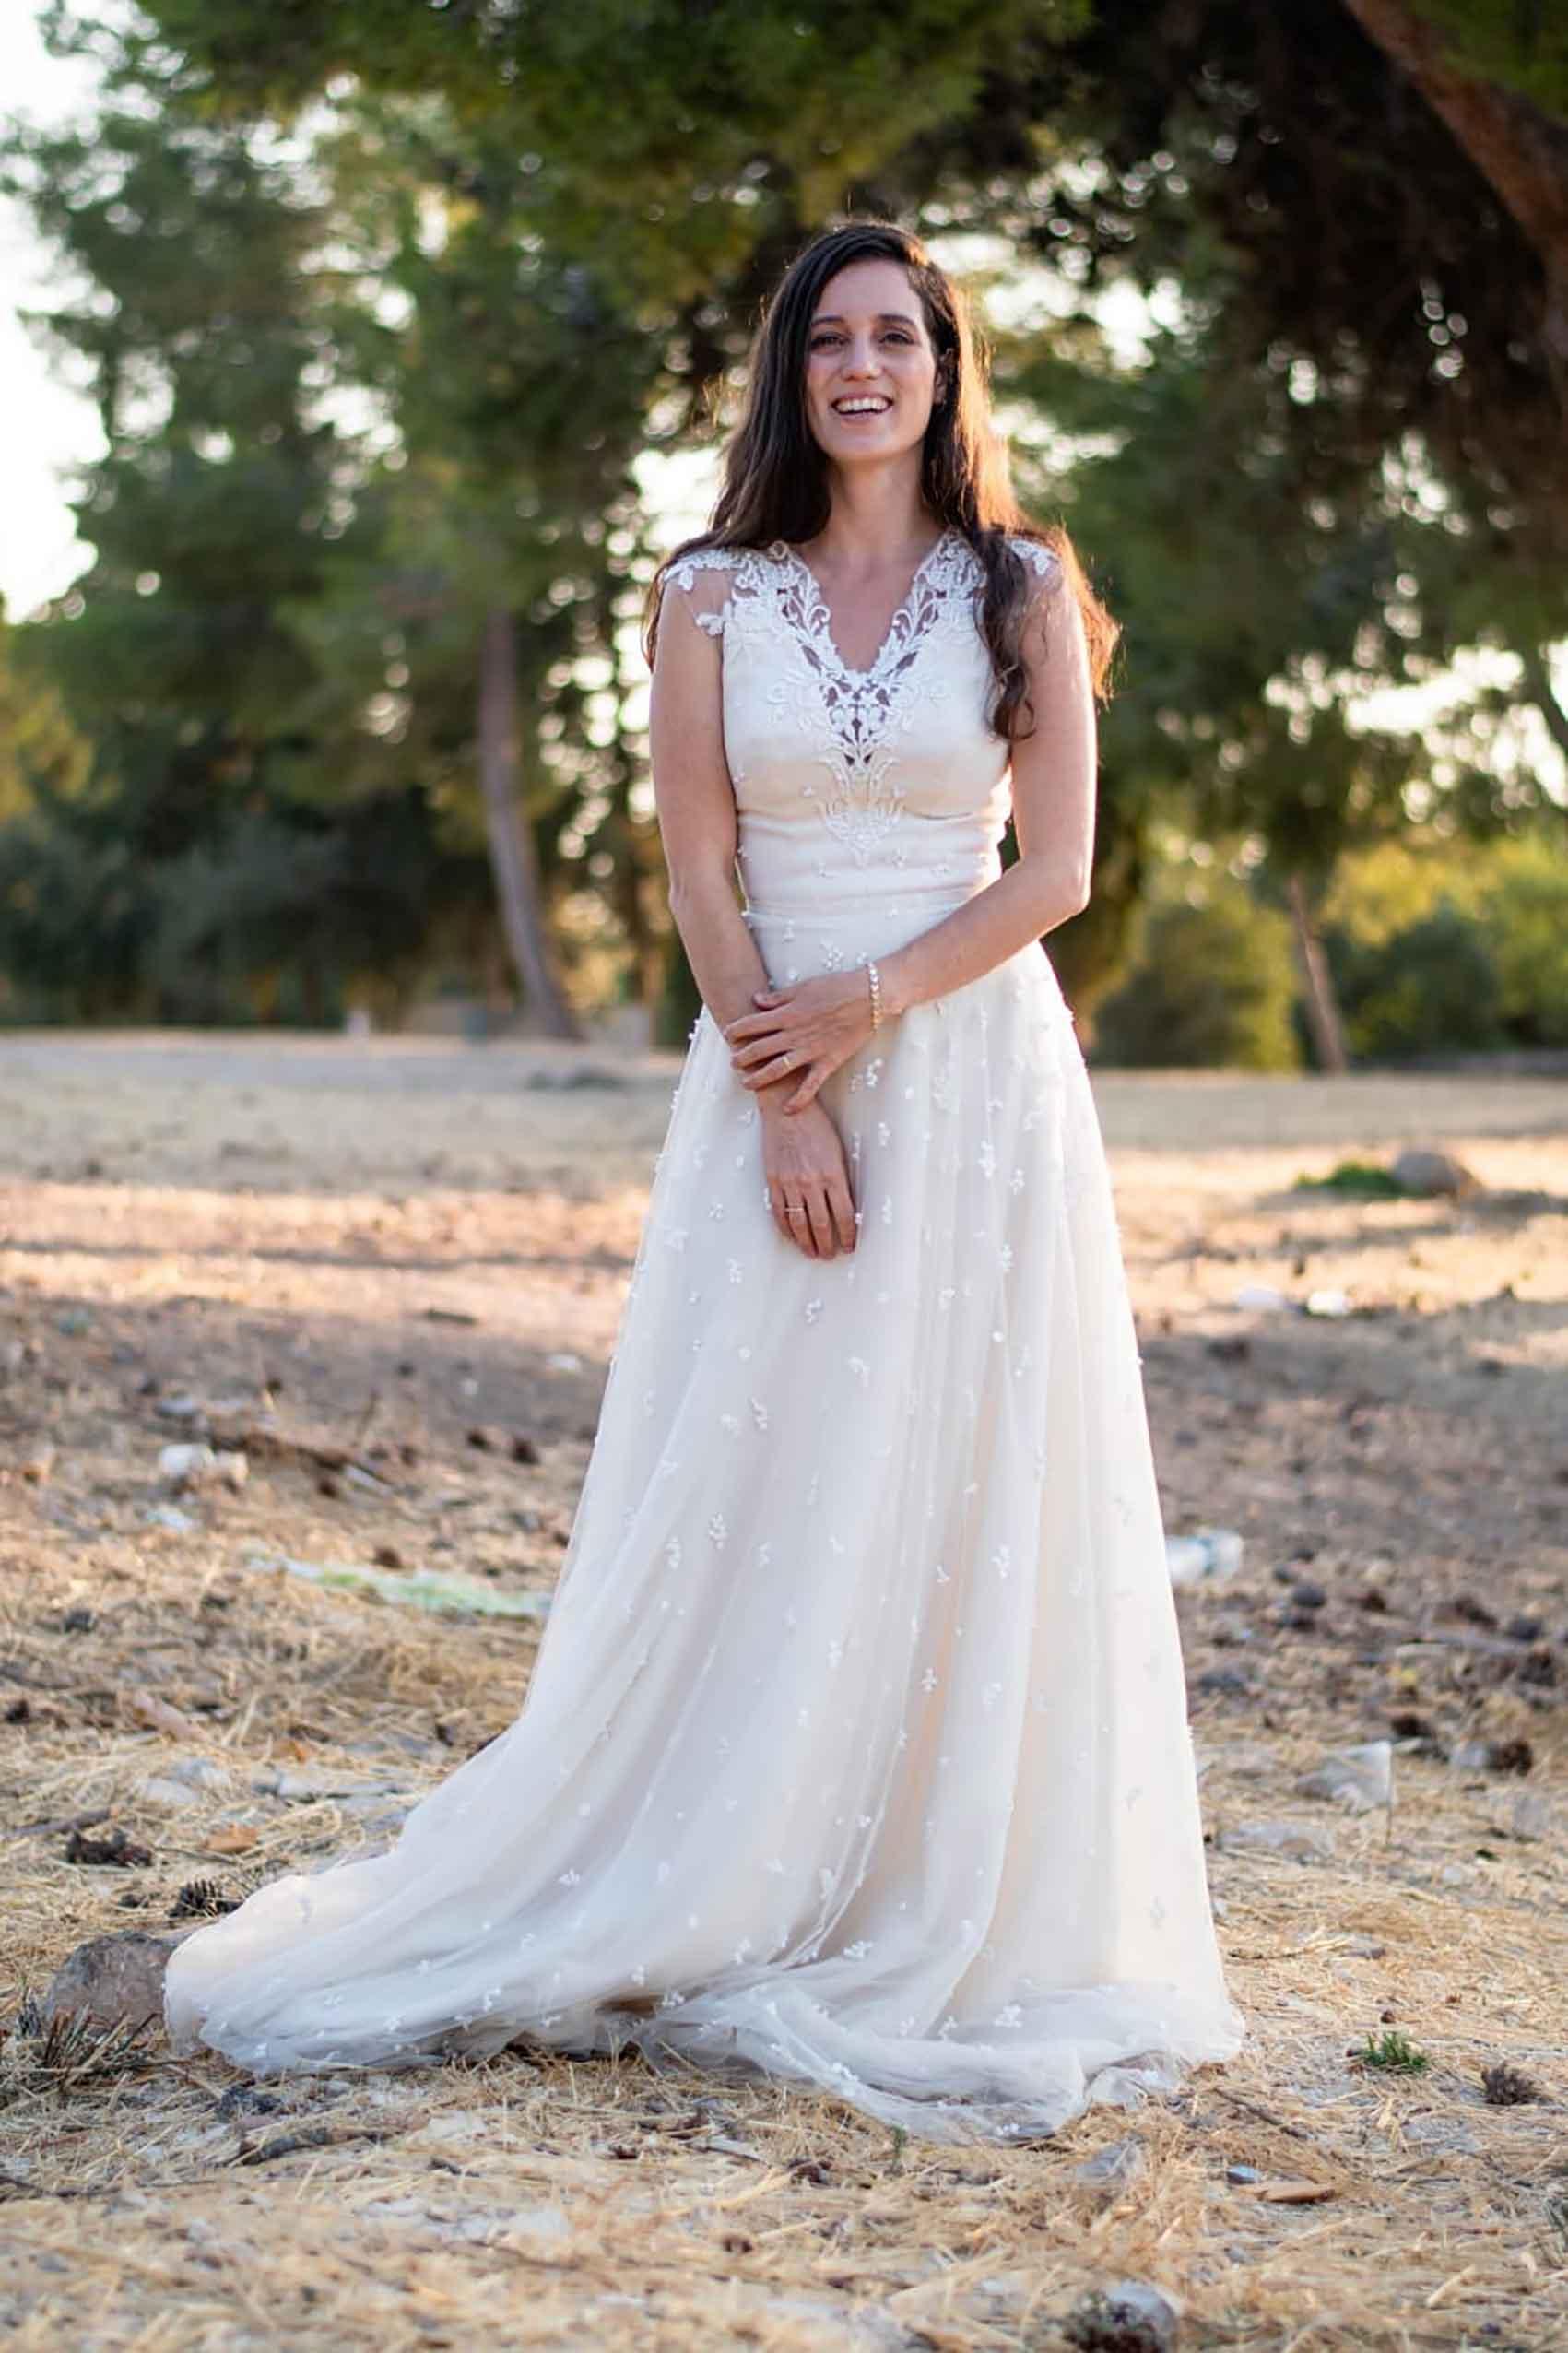 אהבת-הדס-שמלות-כלה-ב-700-שקל-מגזין-אופנה-ישראלי